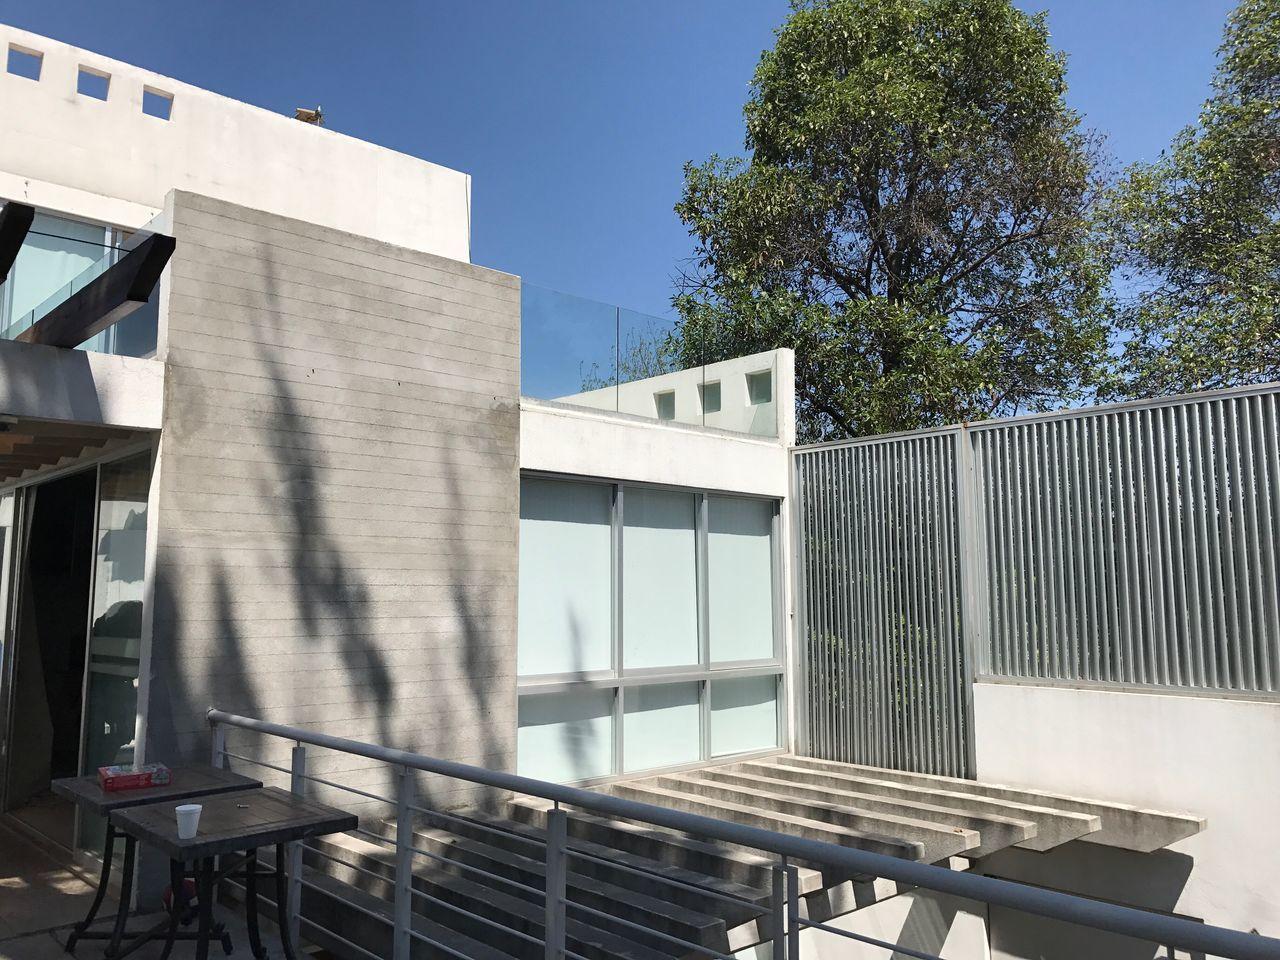 Architecture Pergola Mexico